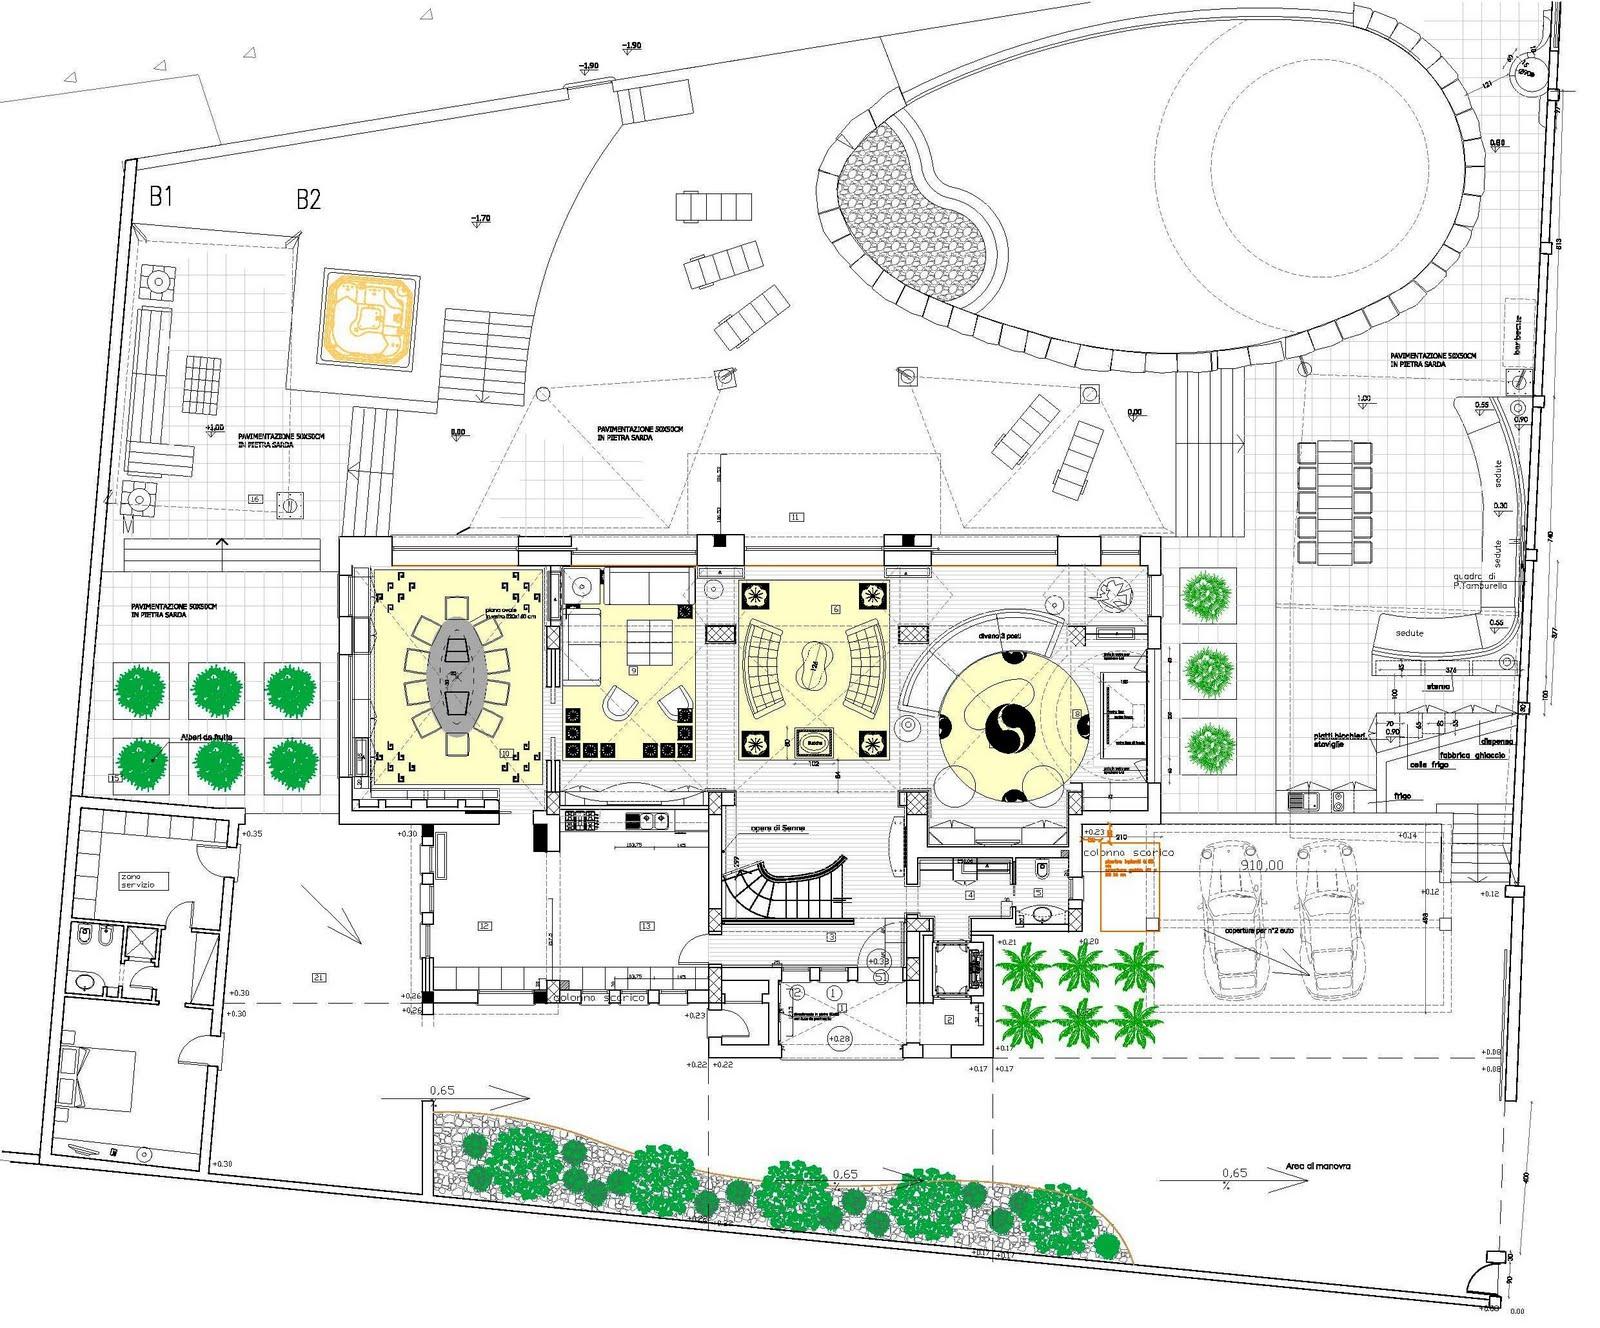 Architetto giusto puri purini work in progress for Ville architetti famosi